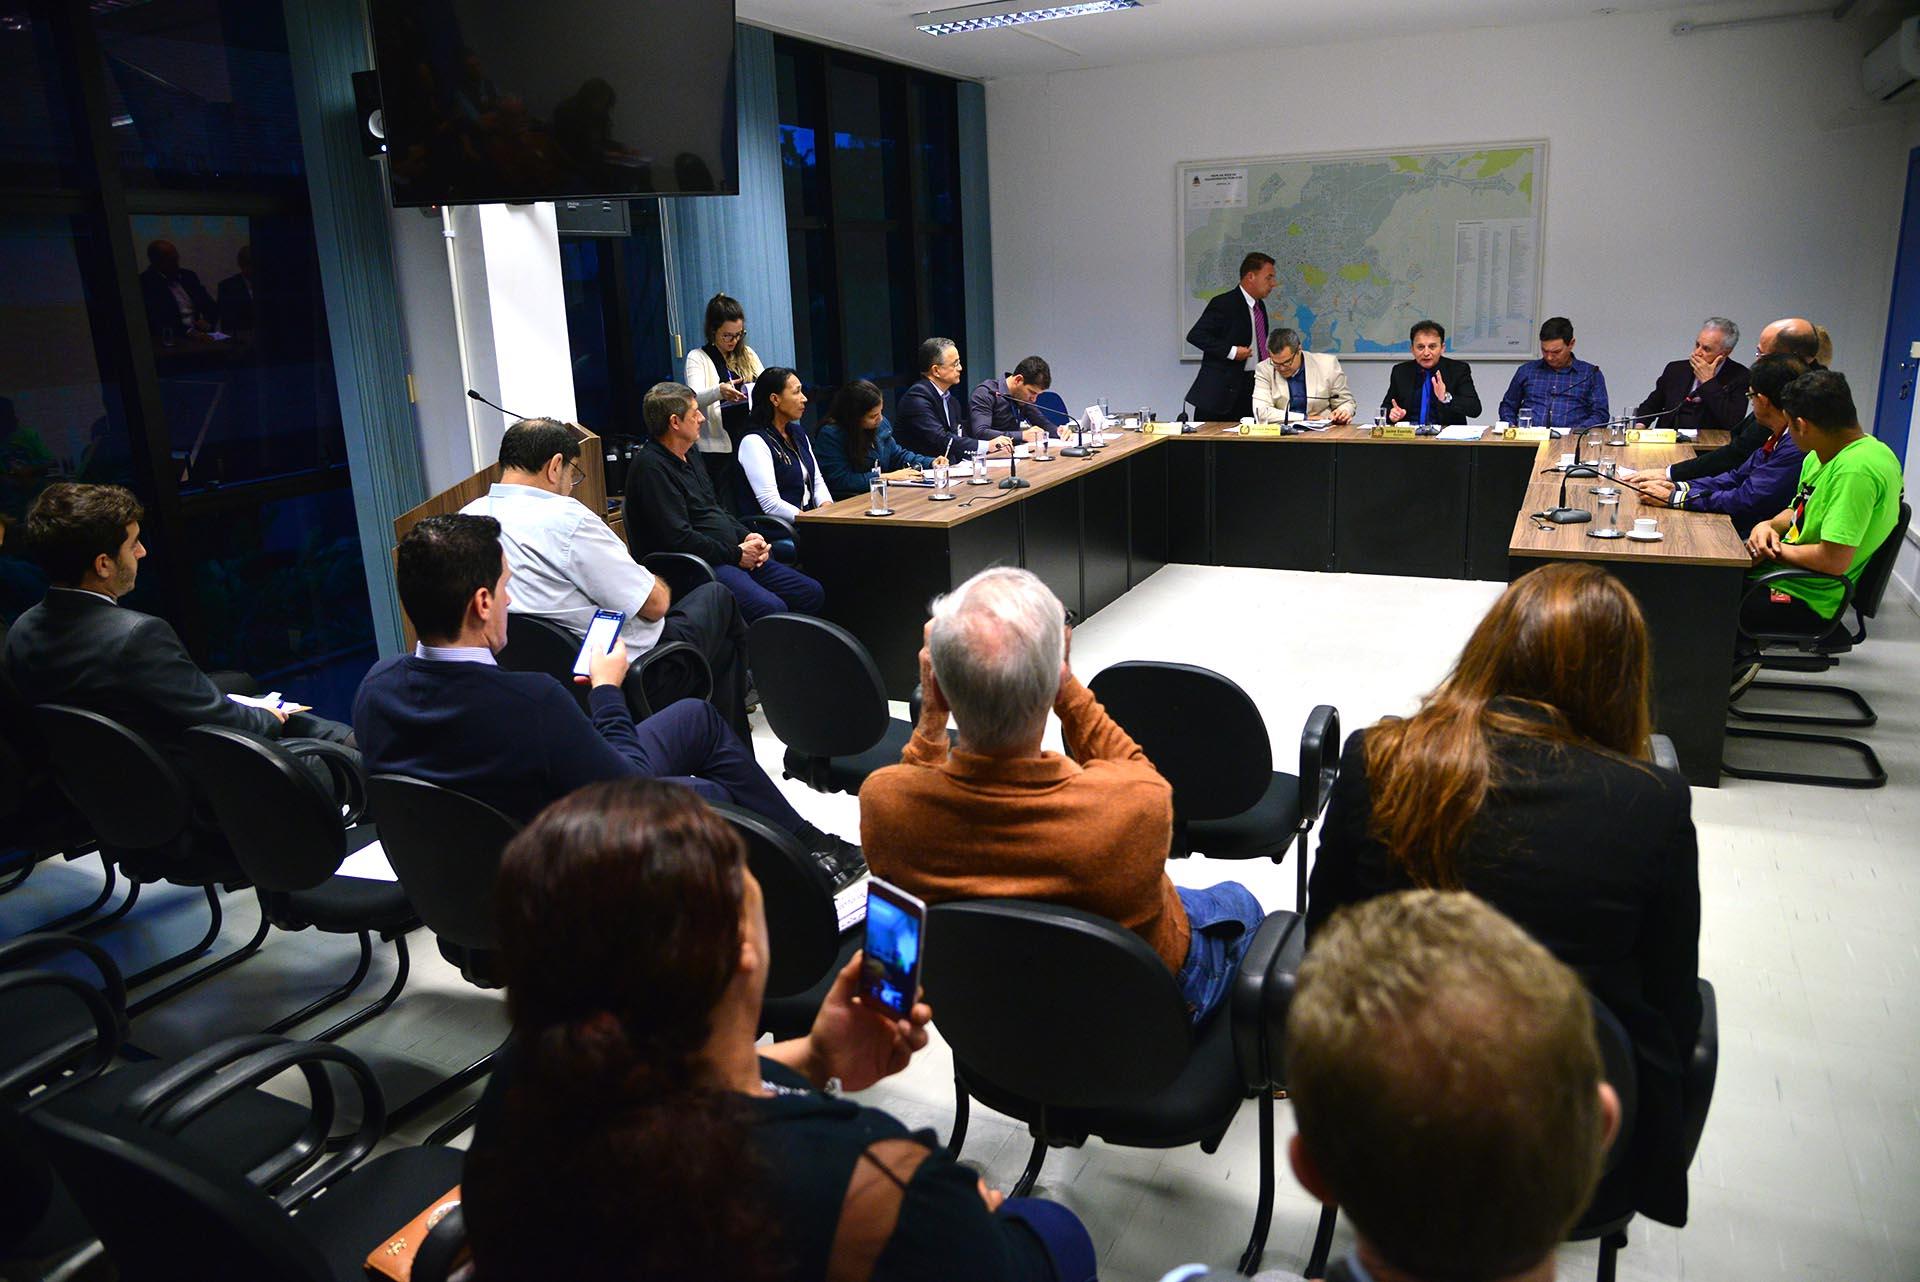 Comissão de Urbanismo da Câmara de Vereadores debateu nesta terça-feira (12) denúncia de coleta clandestina de lixo reciclável em Joinville | Foto: Nilson Bastian